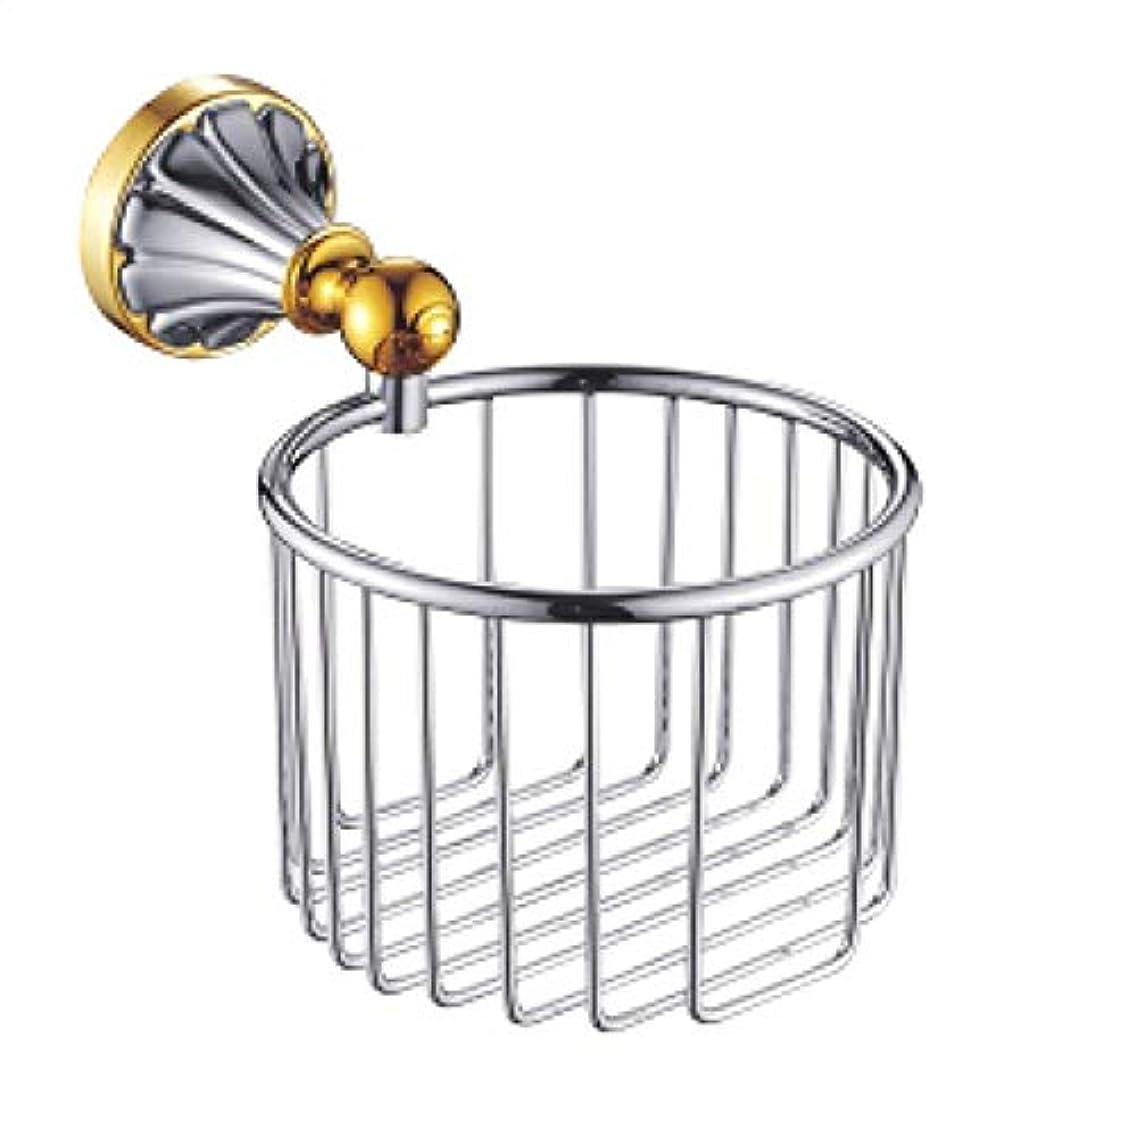 回転活力湿気の多いZZLX 紙タオルホルダー、ヨーロッパスタイルのアンティークゴールド白バスルームトイレットペーパータオル棚 ロングハンドル風呂ブラシ (色 : Gold+chrome)